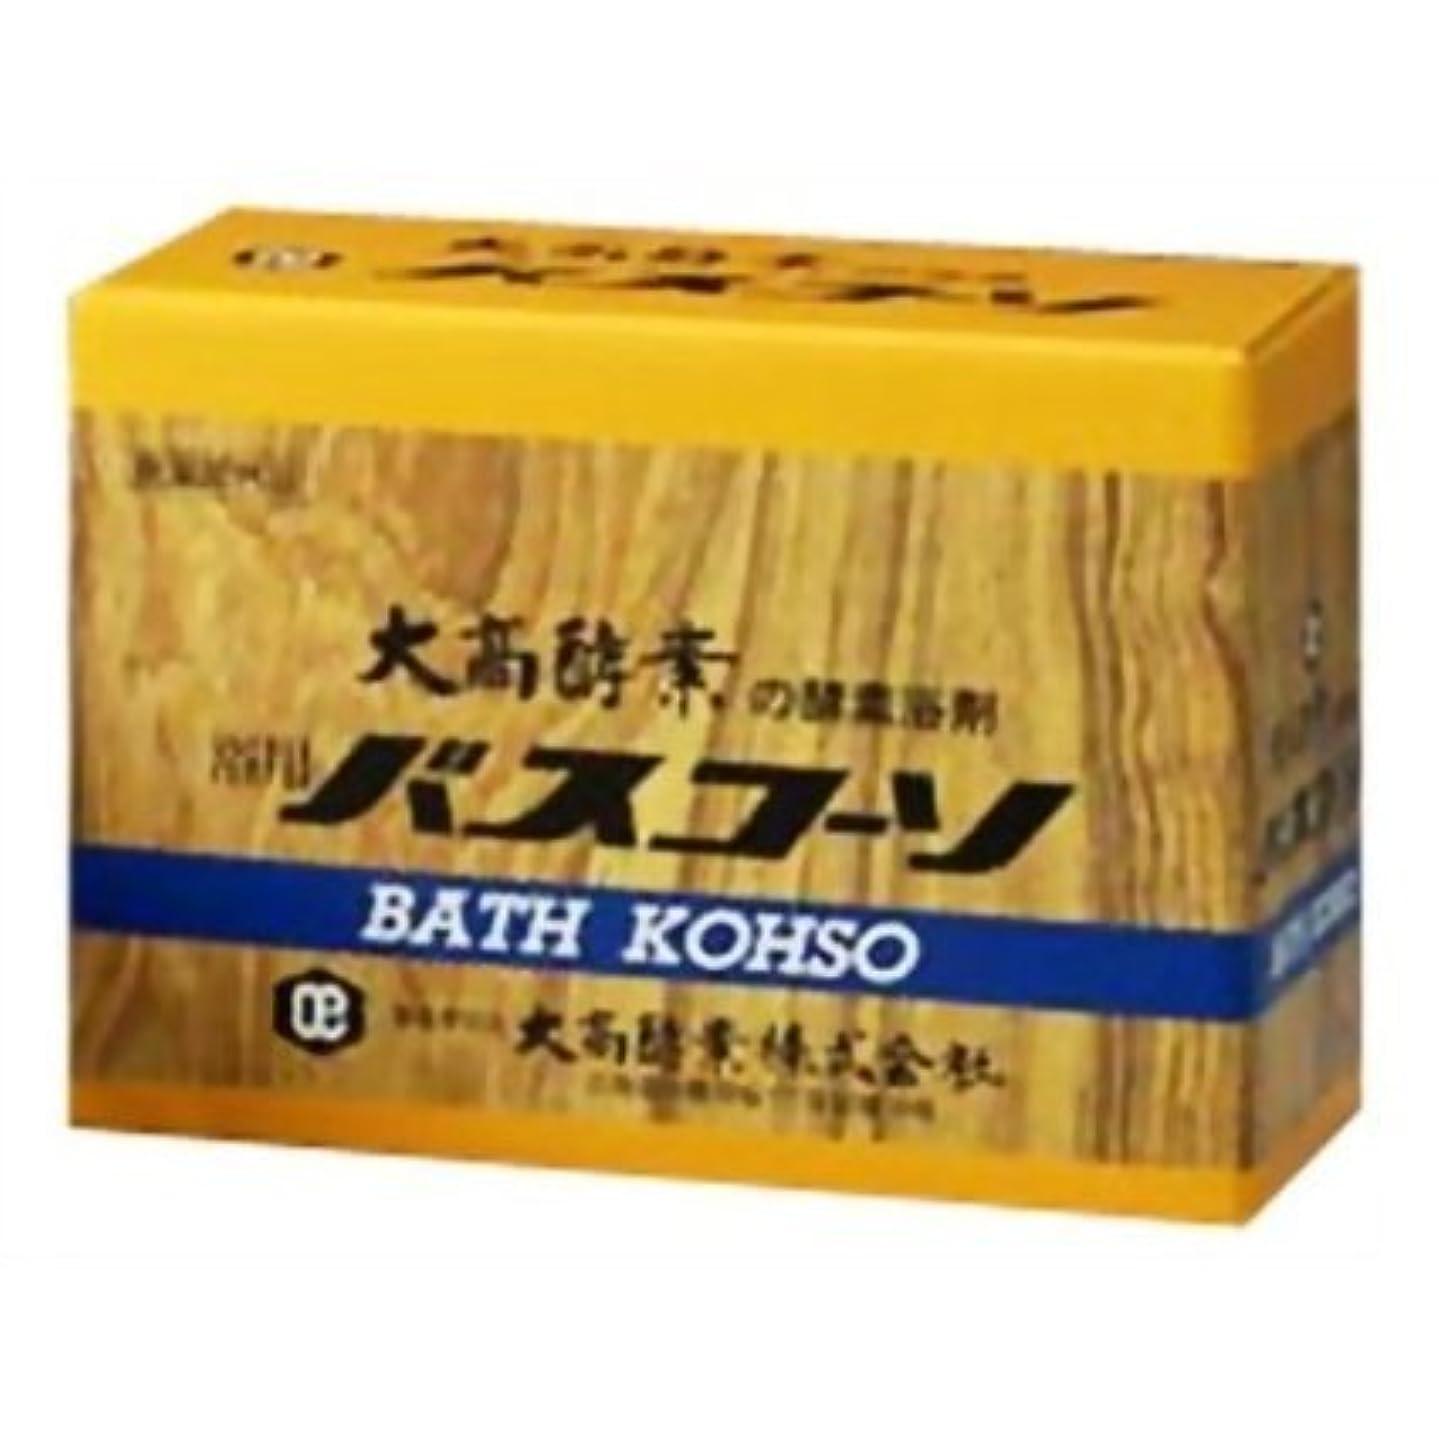 図キーレバー大高酵素 浴用バスコーソ 100gx6 【4個セット】